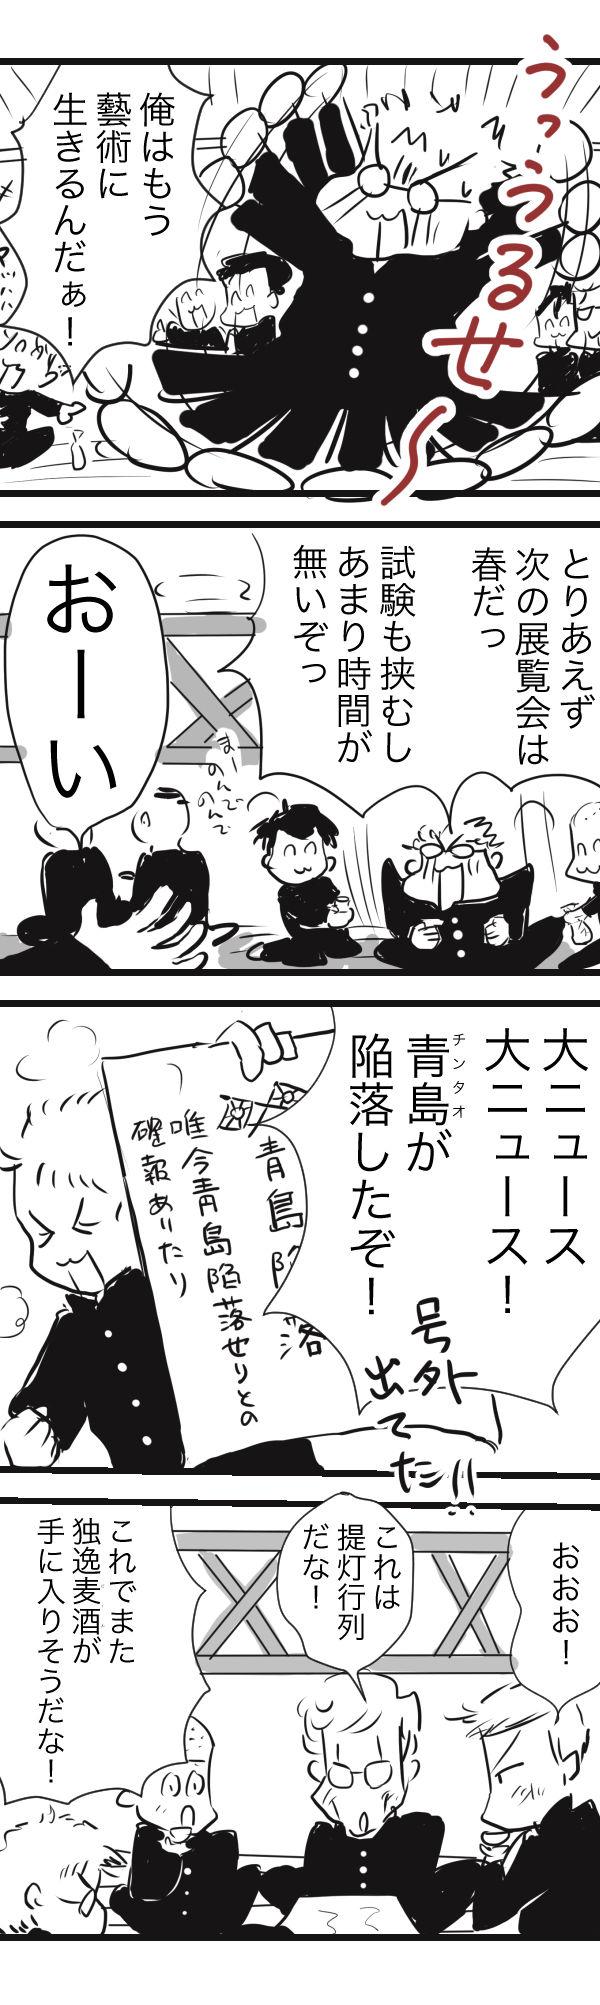 山田 金沢10−5−1